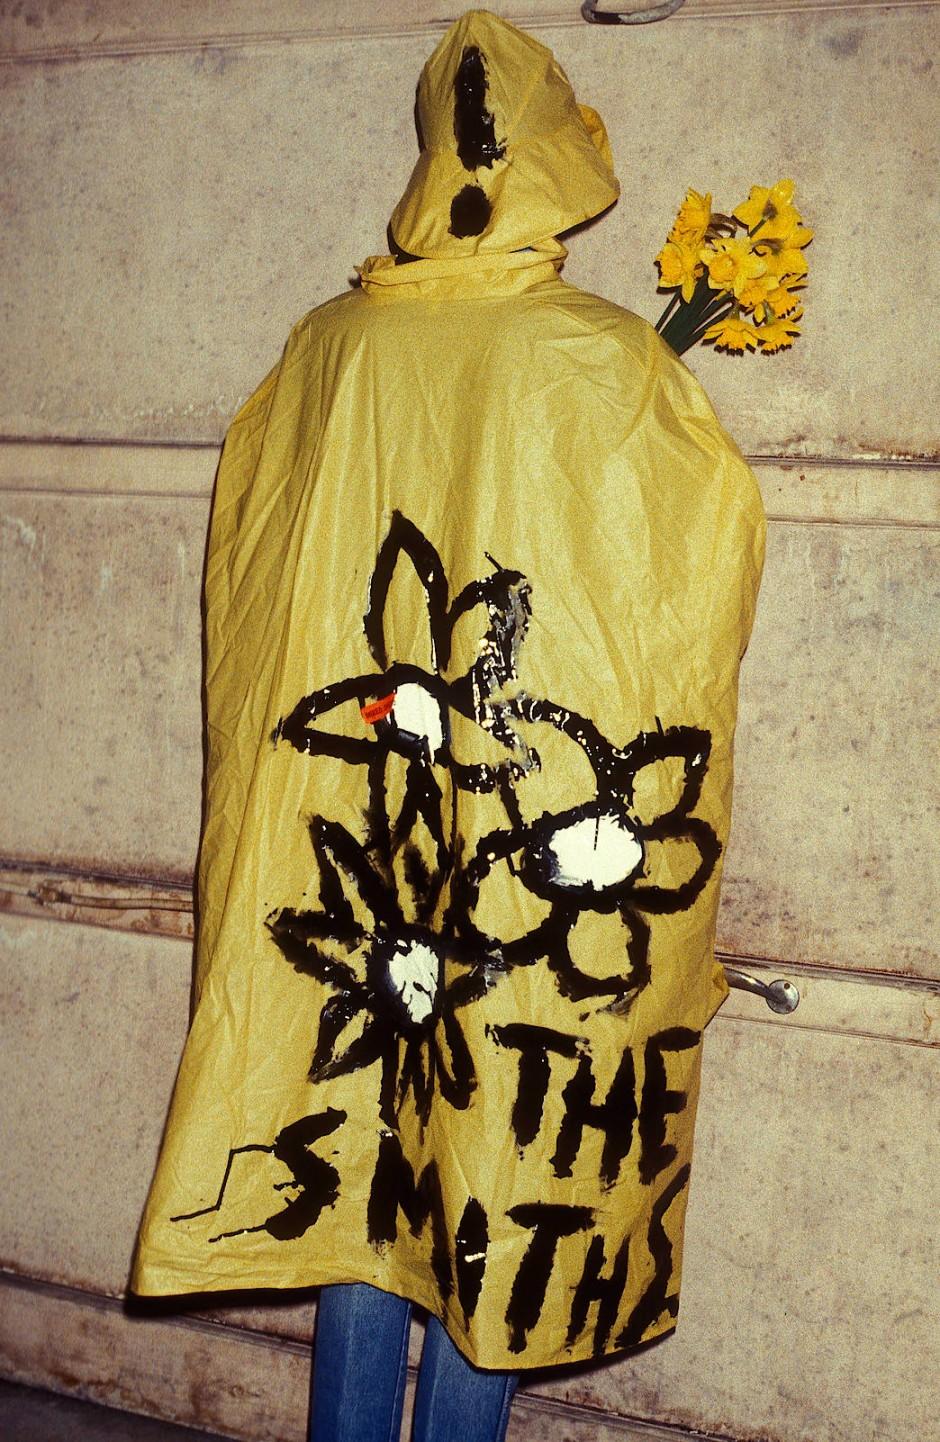 Kaum eine Band hat treuere Fans als die längst aufgelösten The Smiths. Lässt Morrissey sie jetzt im Regen stehen?